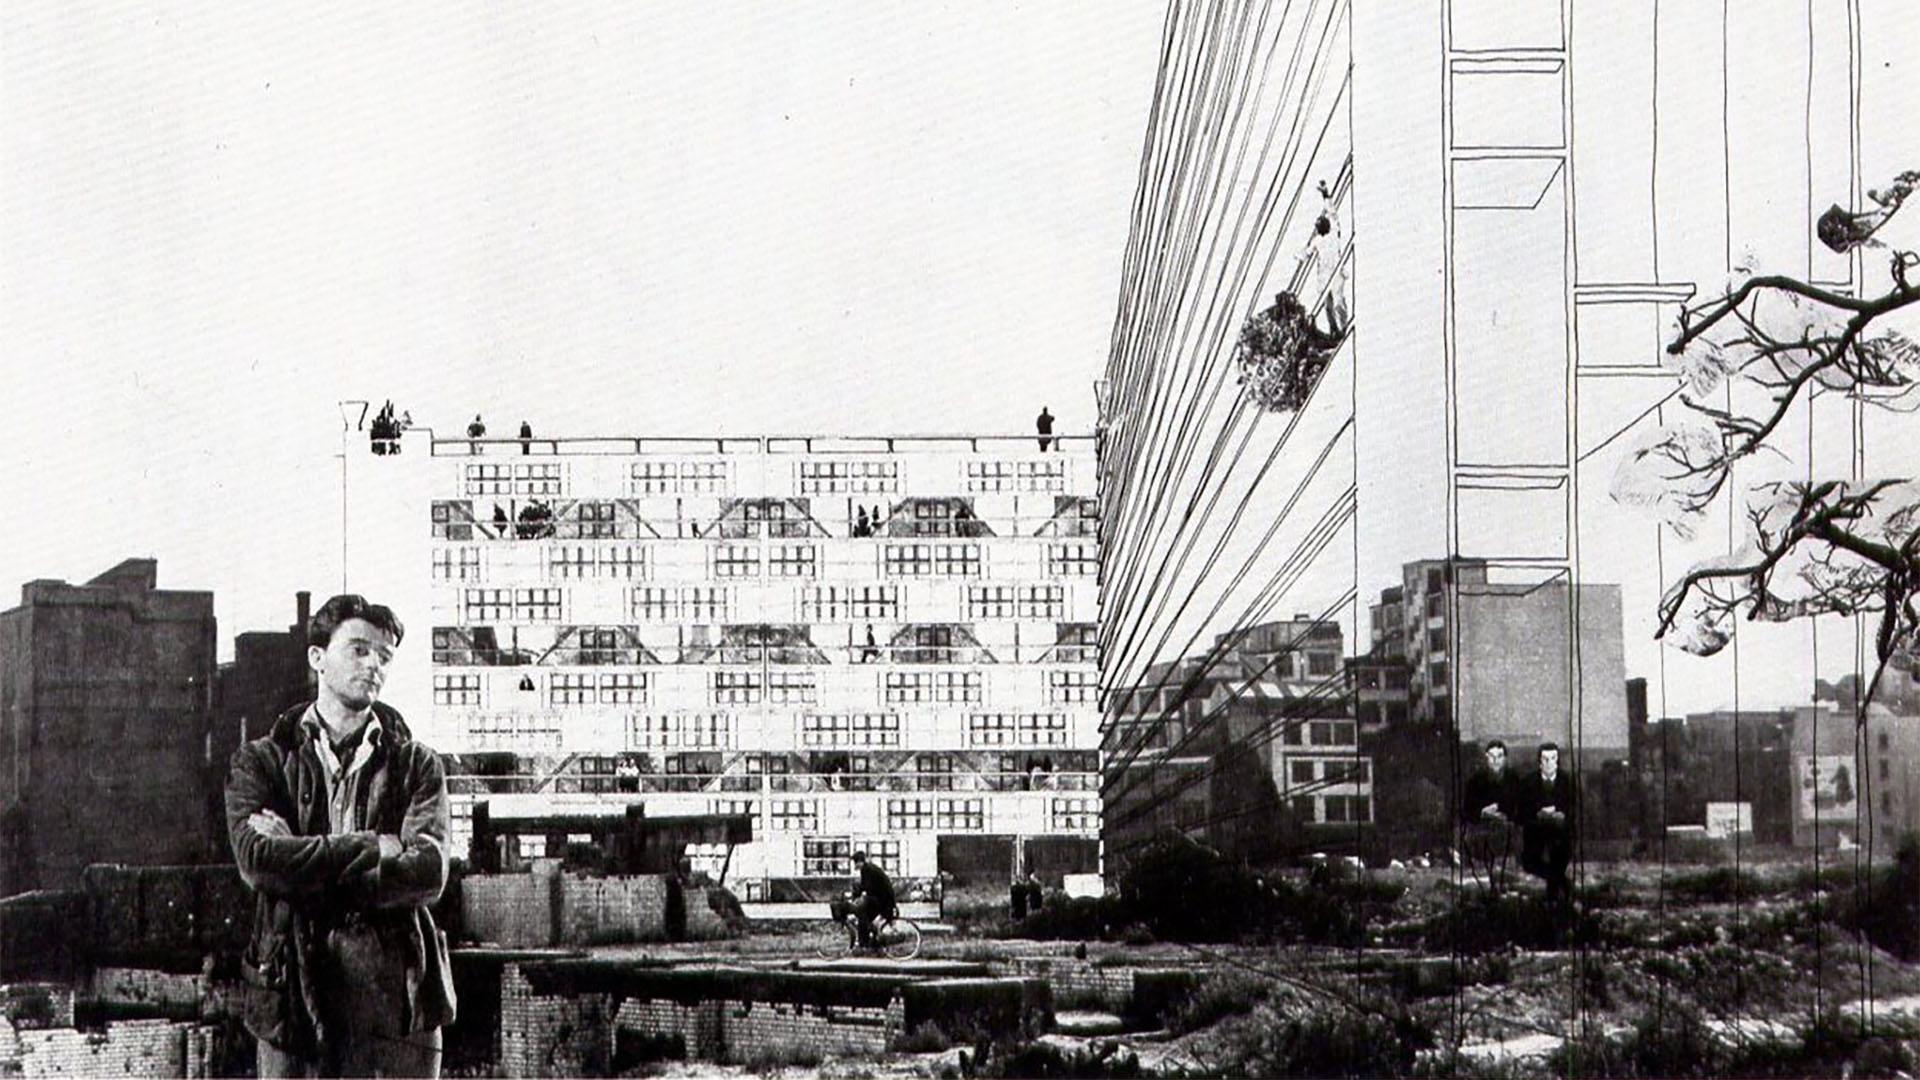 01 Golden Lane, Alison + PEter Smithson, 1952